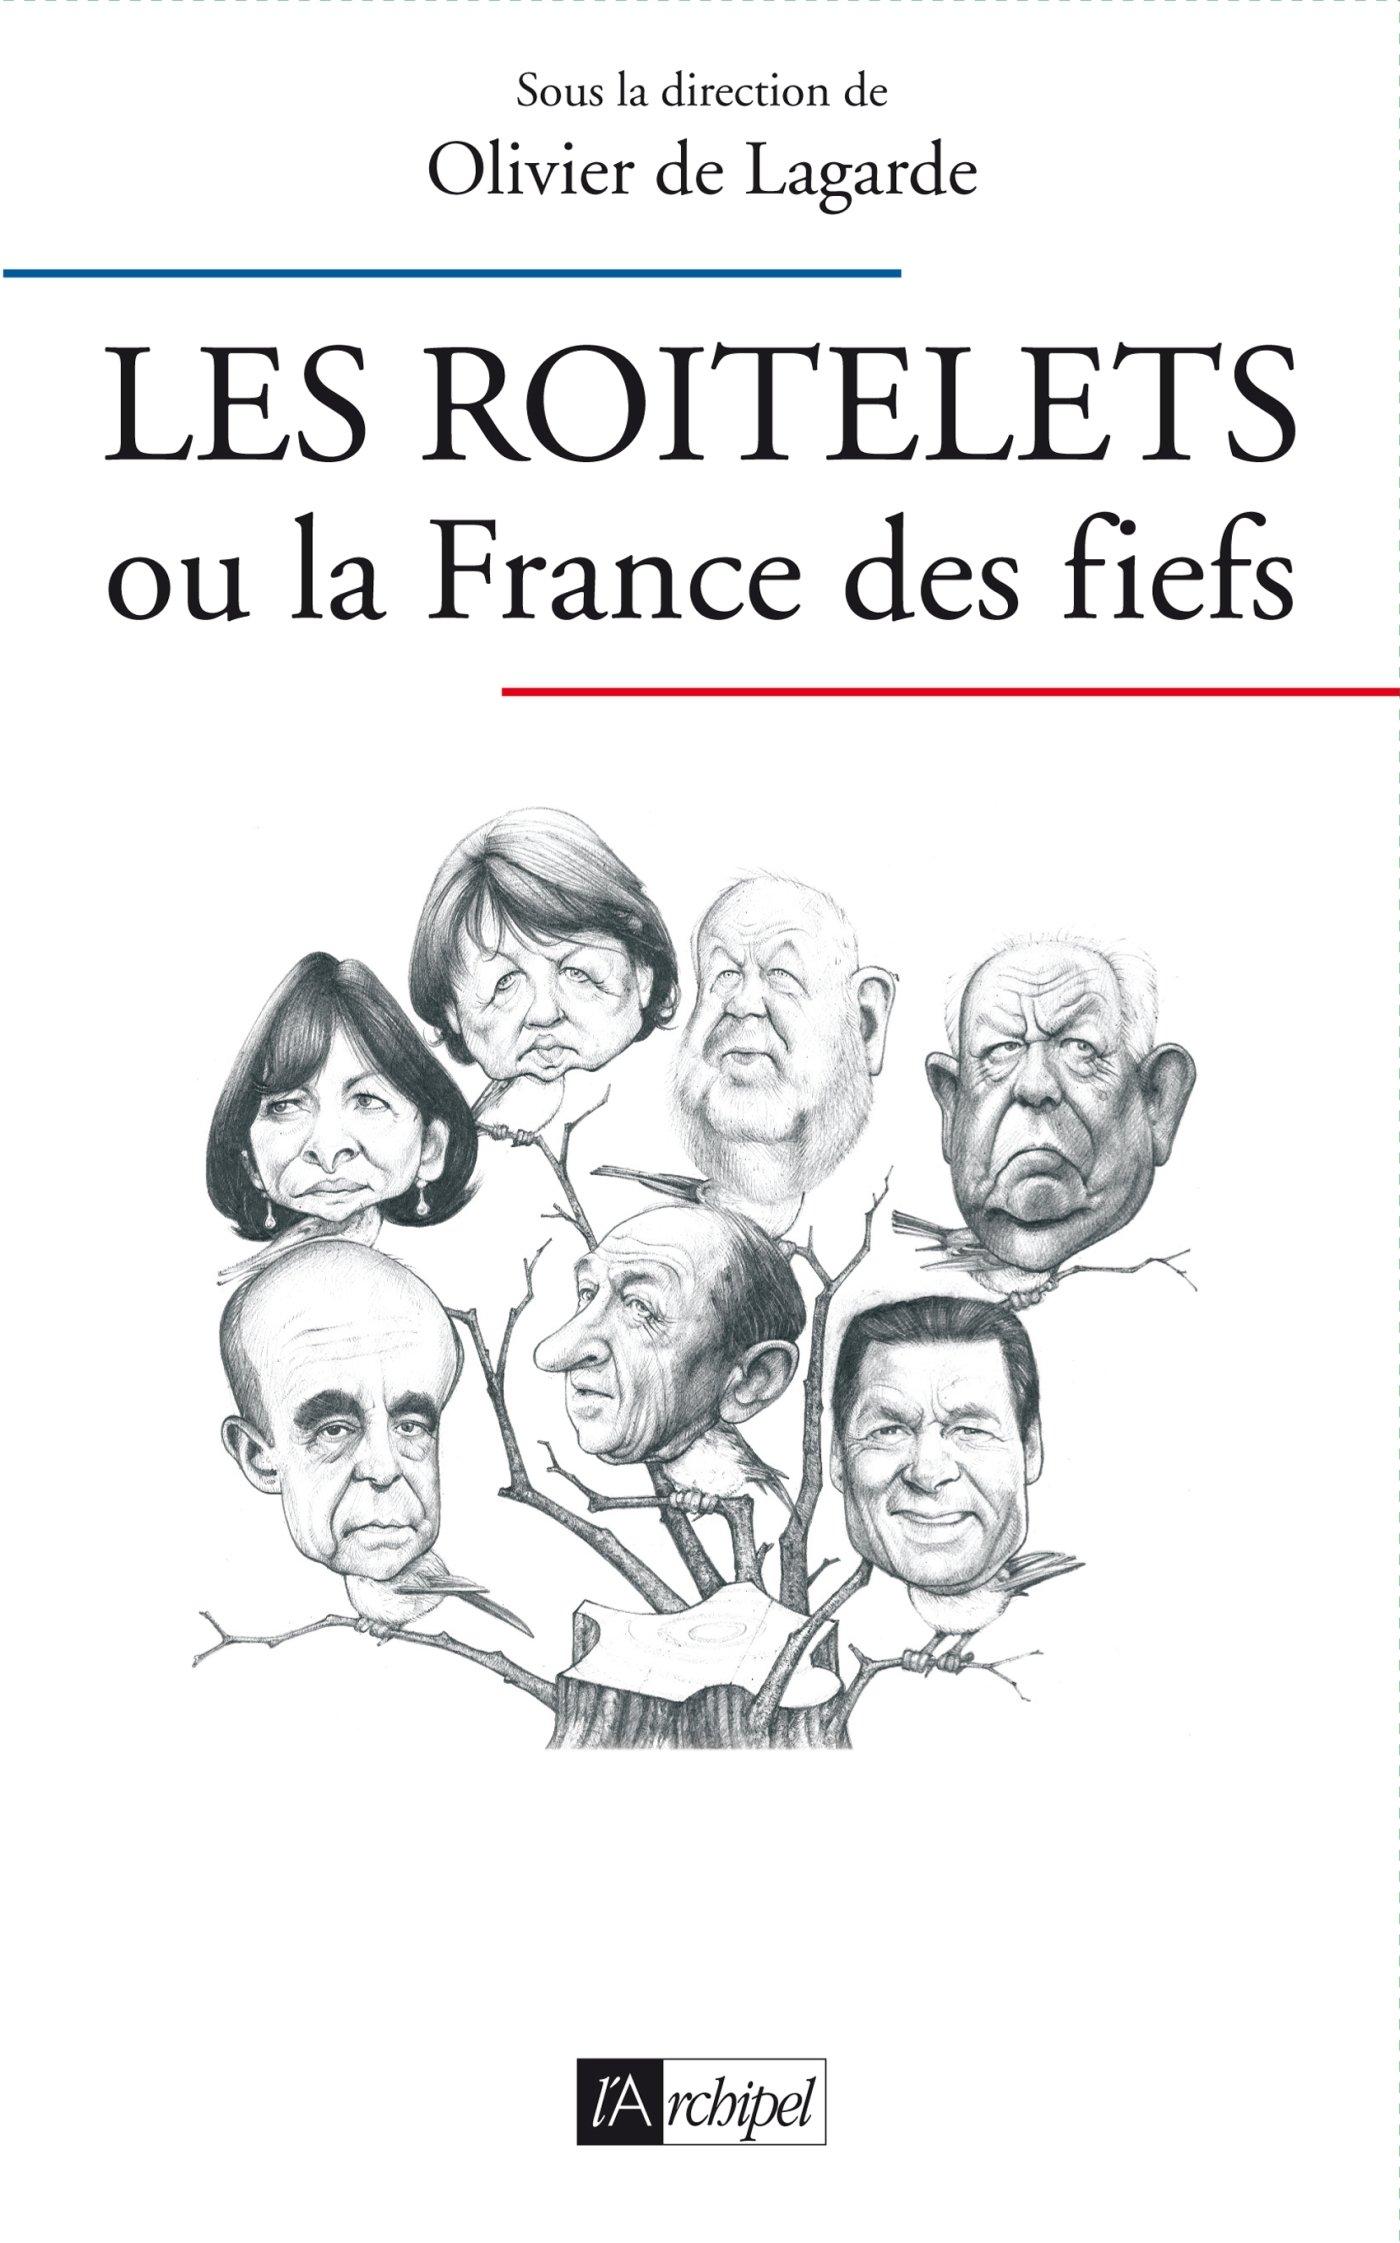 Les roitelets ou la France des fiefs Broché – 15 janvier 2014 Olivier de Lagarde Archipel 2809813809 Actualités